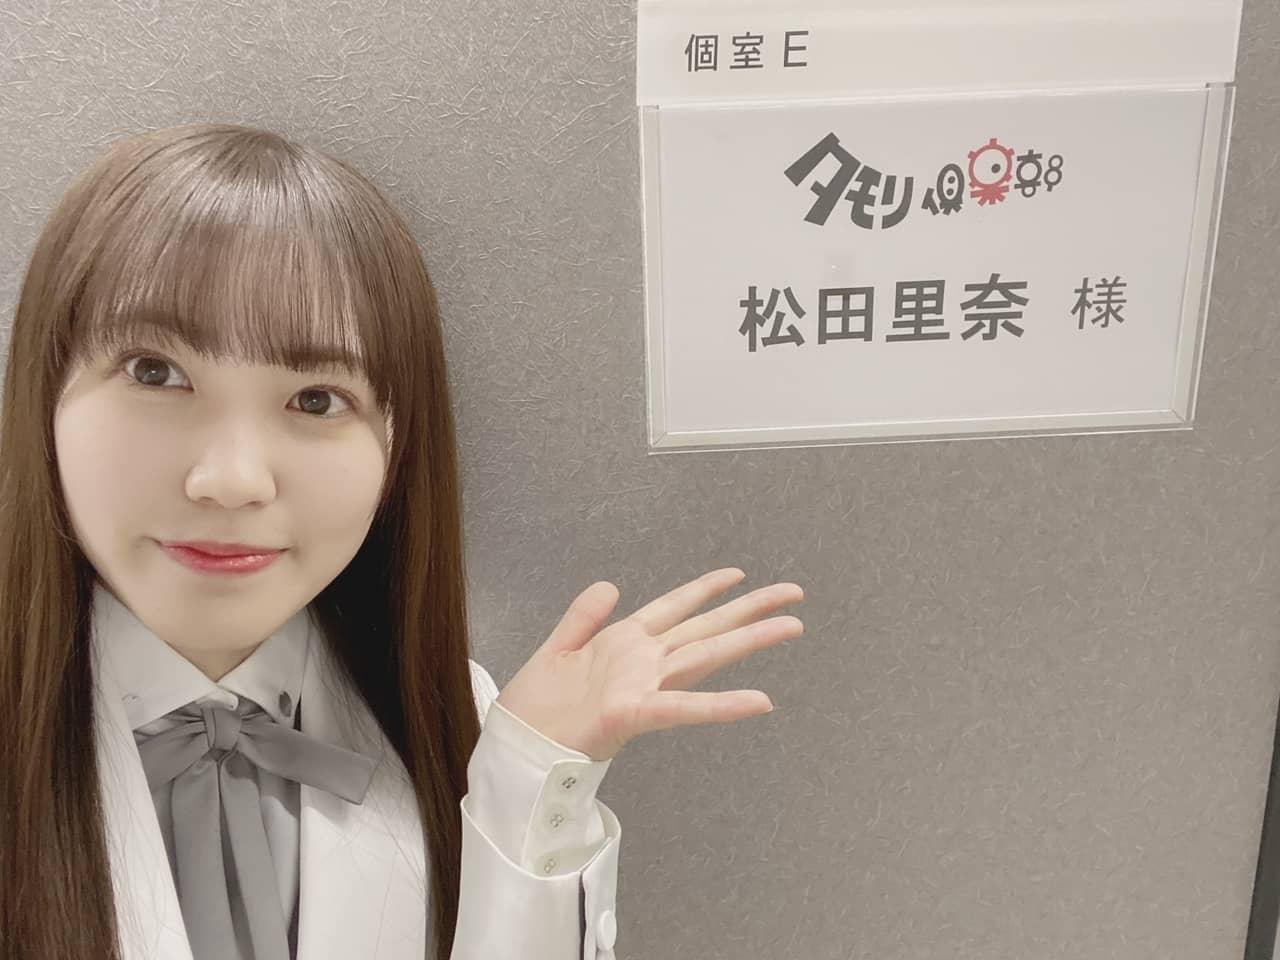 櫻坂46 松田里奈が「タモリ倶楽部」にゲスト出演! レッツ!バーチャ流浪!輝く!令和のVR動画大賞